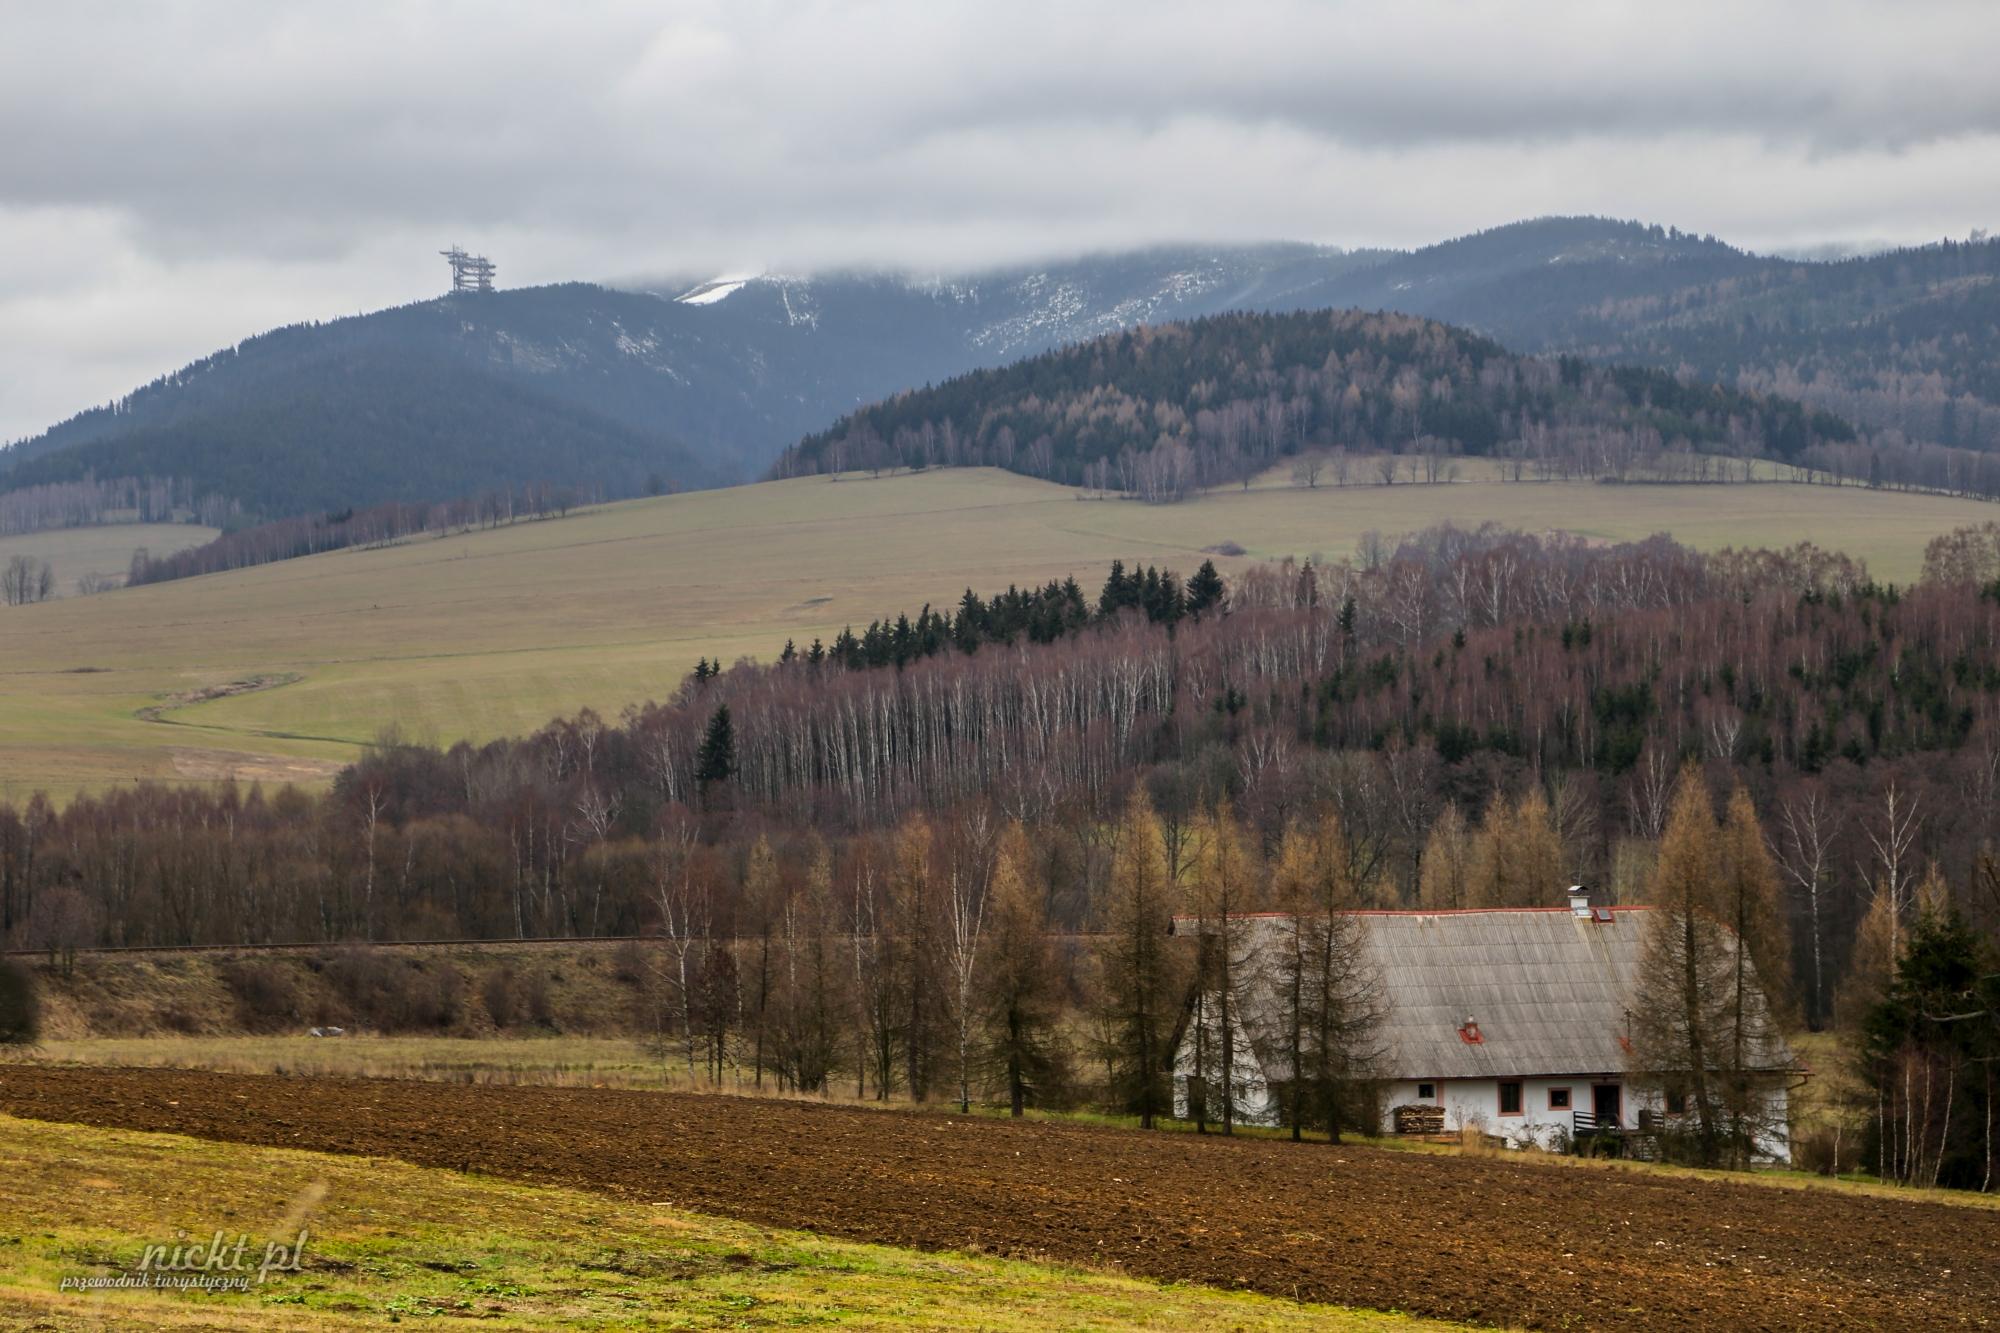 dolni morava stezka v oblacnich czechy punkt widokowy wieza widokowa nickt.pl turystyka niekonwencjonalna przemyslaw woznica 009